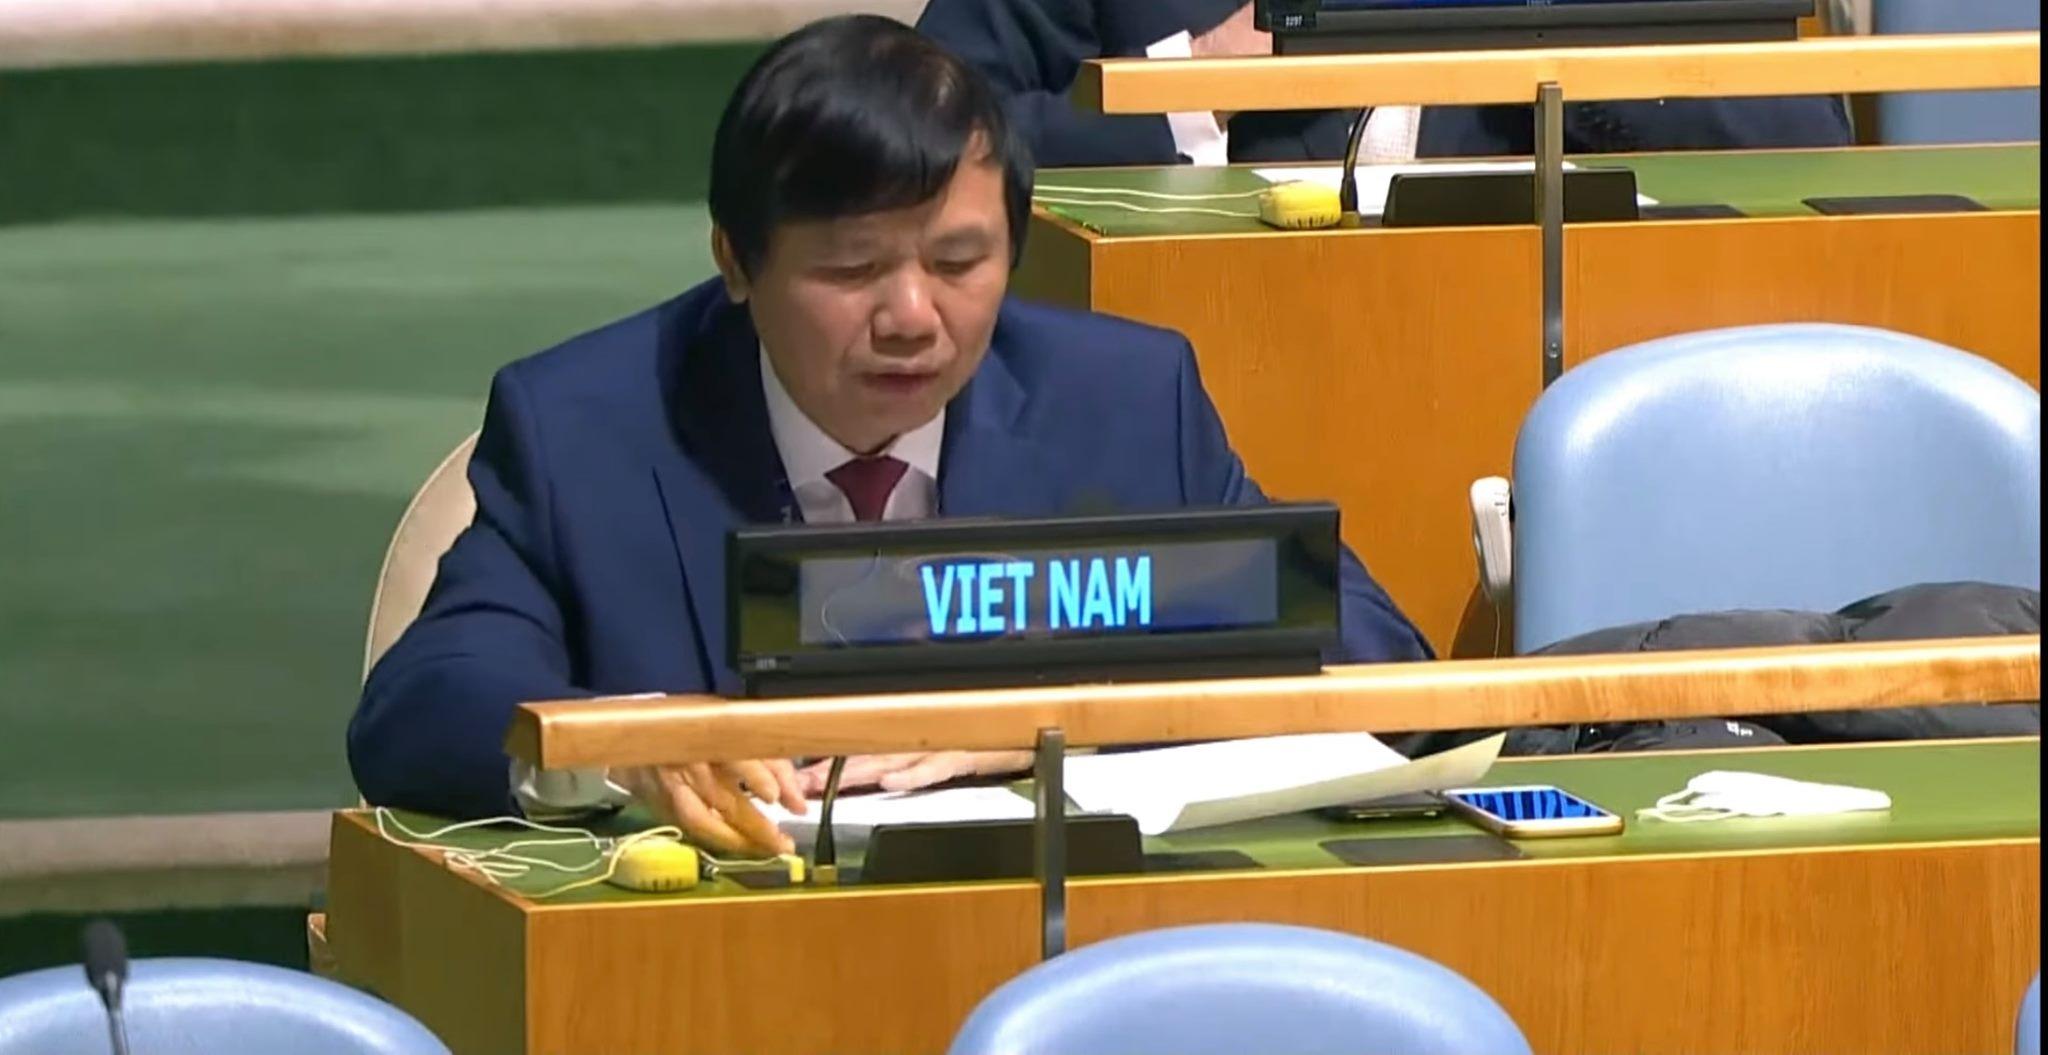 .: اخبار VGP:.  |  کشورهای میانمار باید فوراً خشونت را متوقف کنند ، اعتماد به نفس را بازگردانند ، گفتگو و آشتی را آغاز کنند